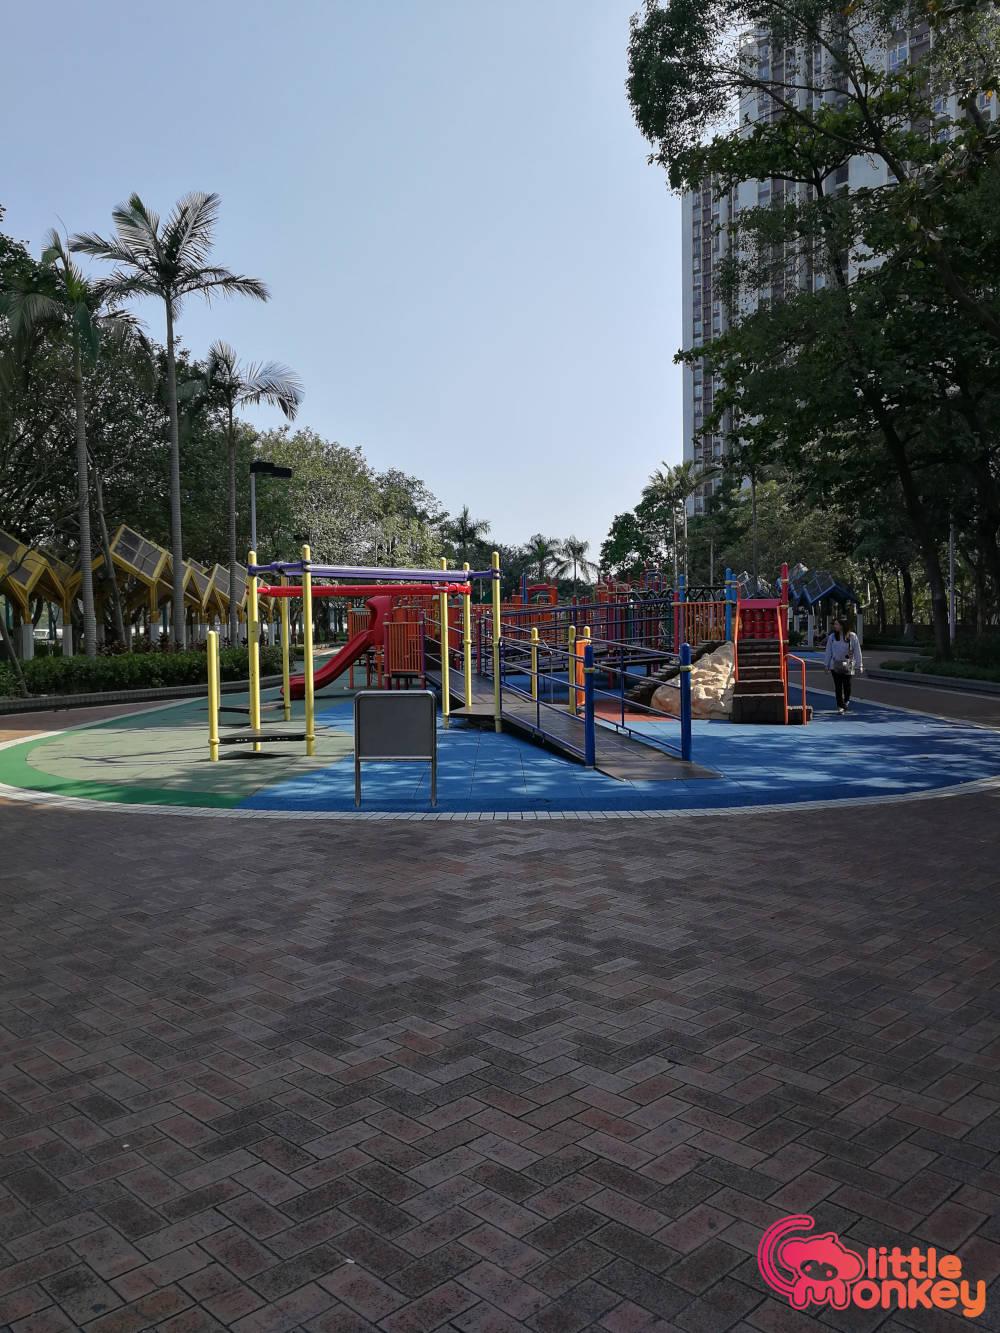 Quarry Bay Park's outdoor playground